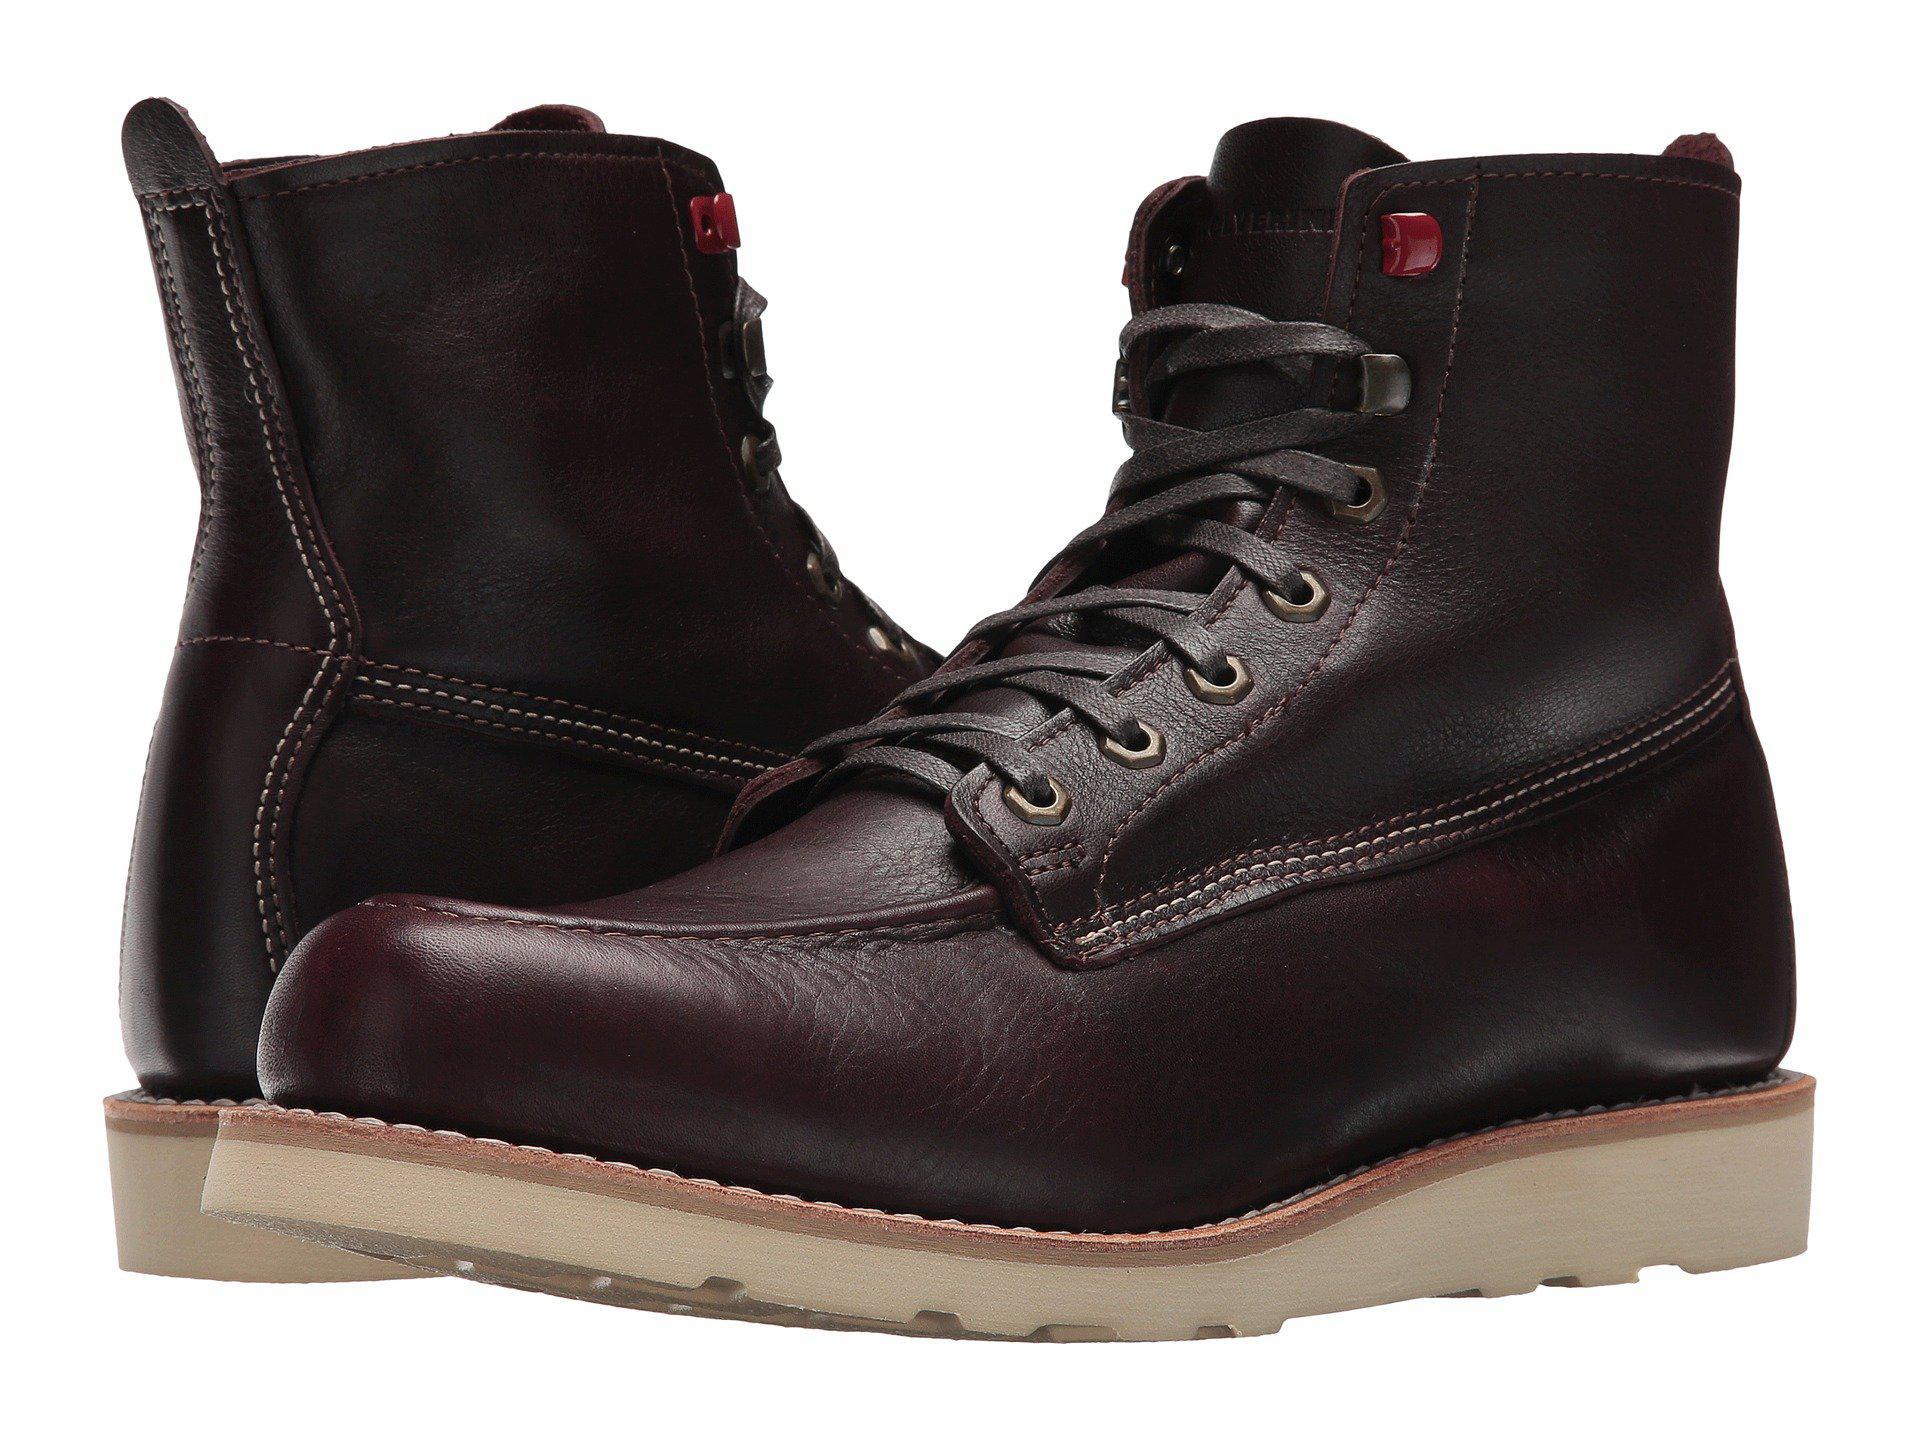 d5379745771 Men's Brown Louis Wedge Boot